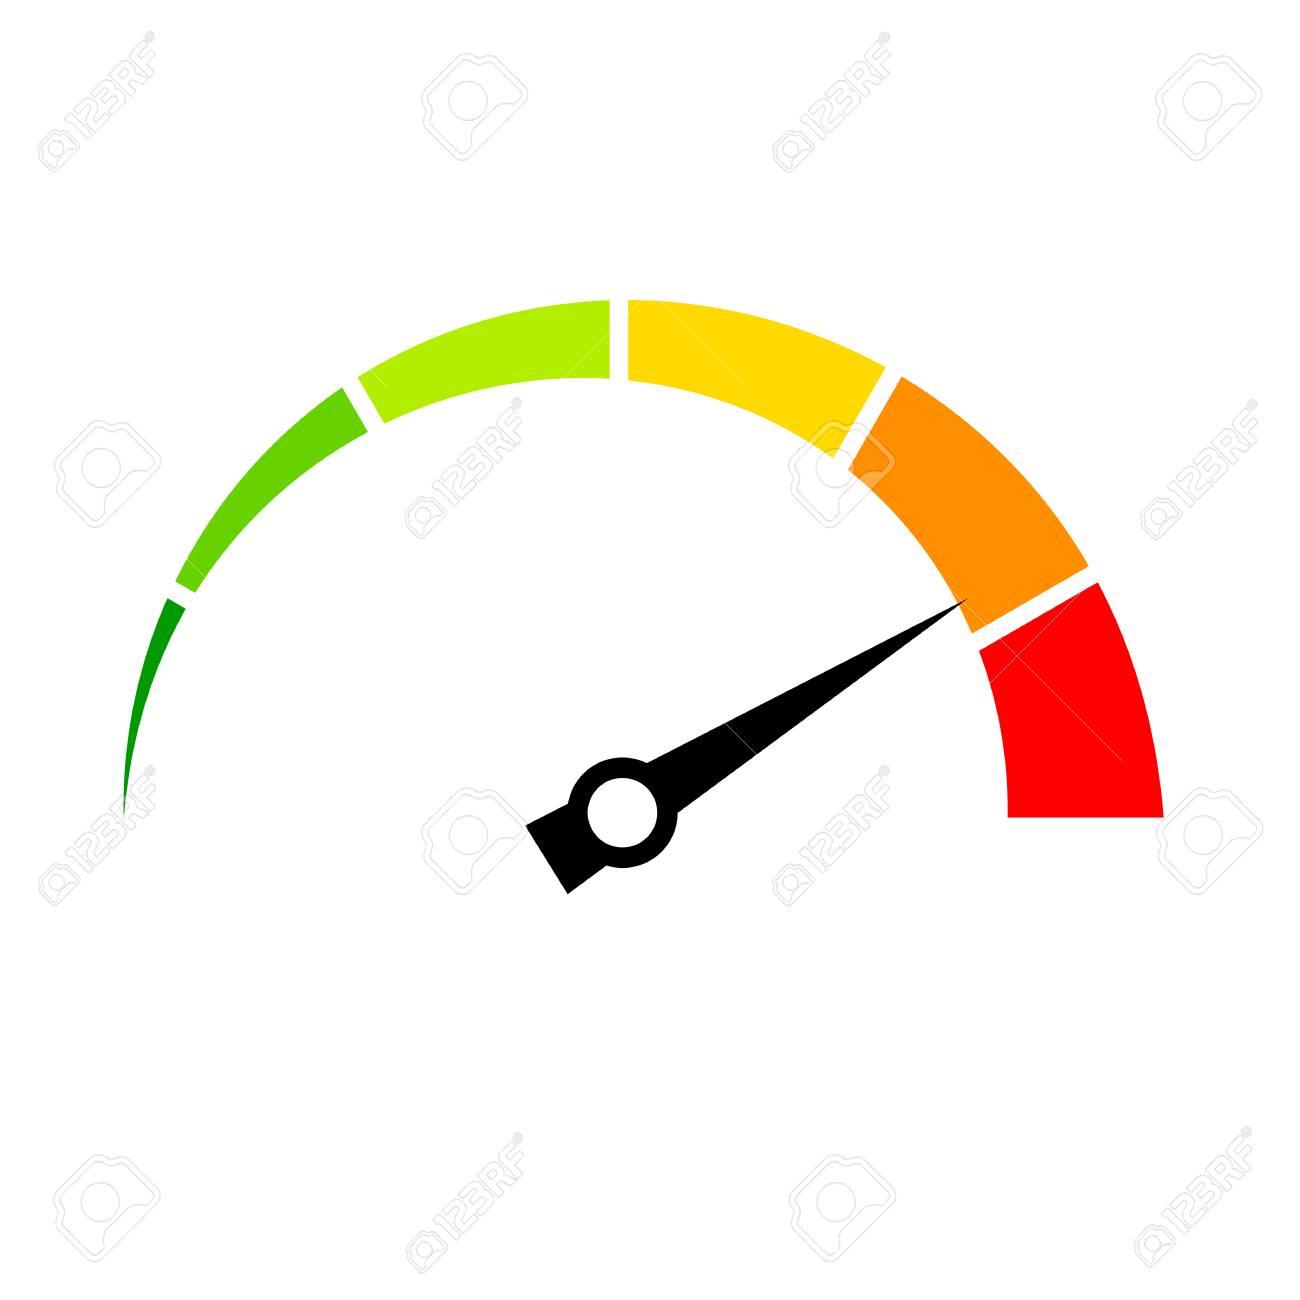 Speed meter vector icon Stock Vector - 76488444